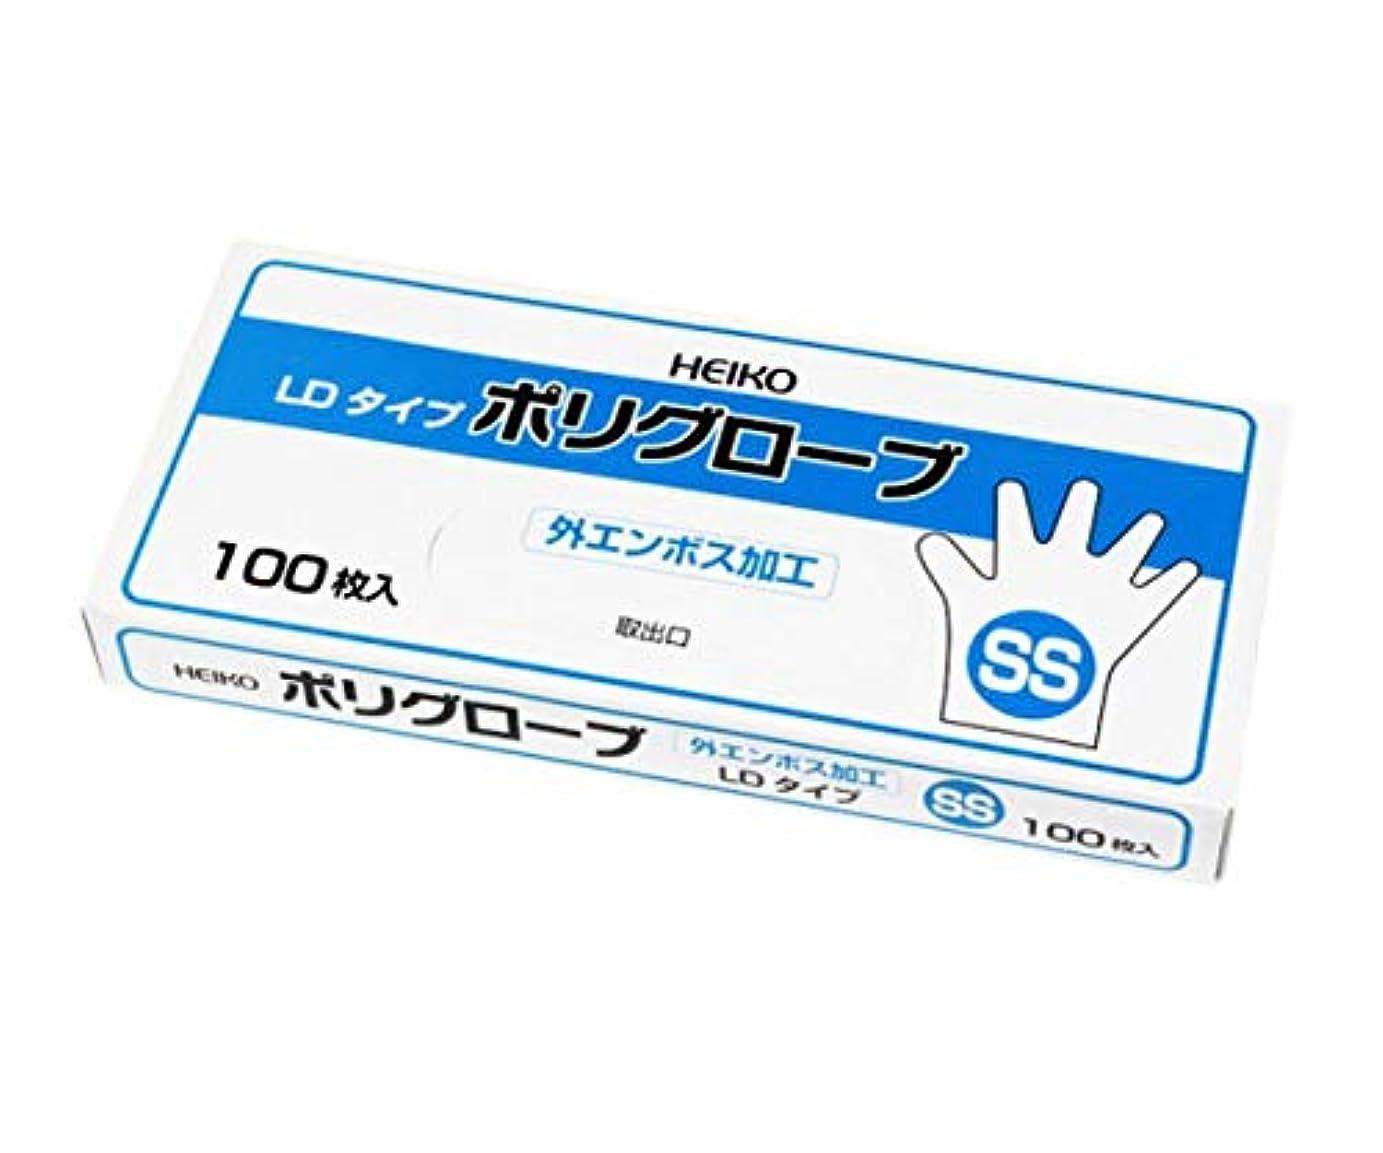 毎回花輪選択HEIKO ポリグローブ ポリLD 外エンボス100入 SS 100枚/62-1021-93